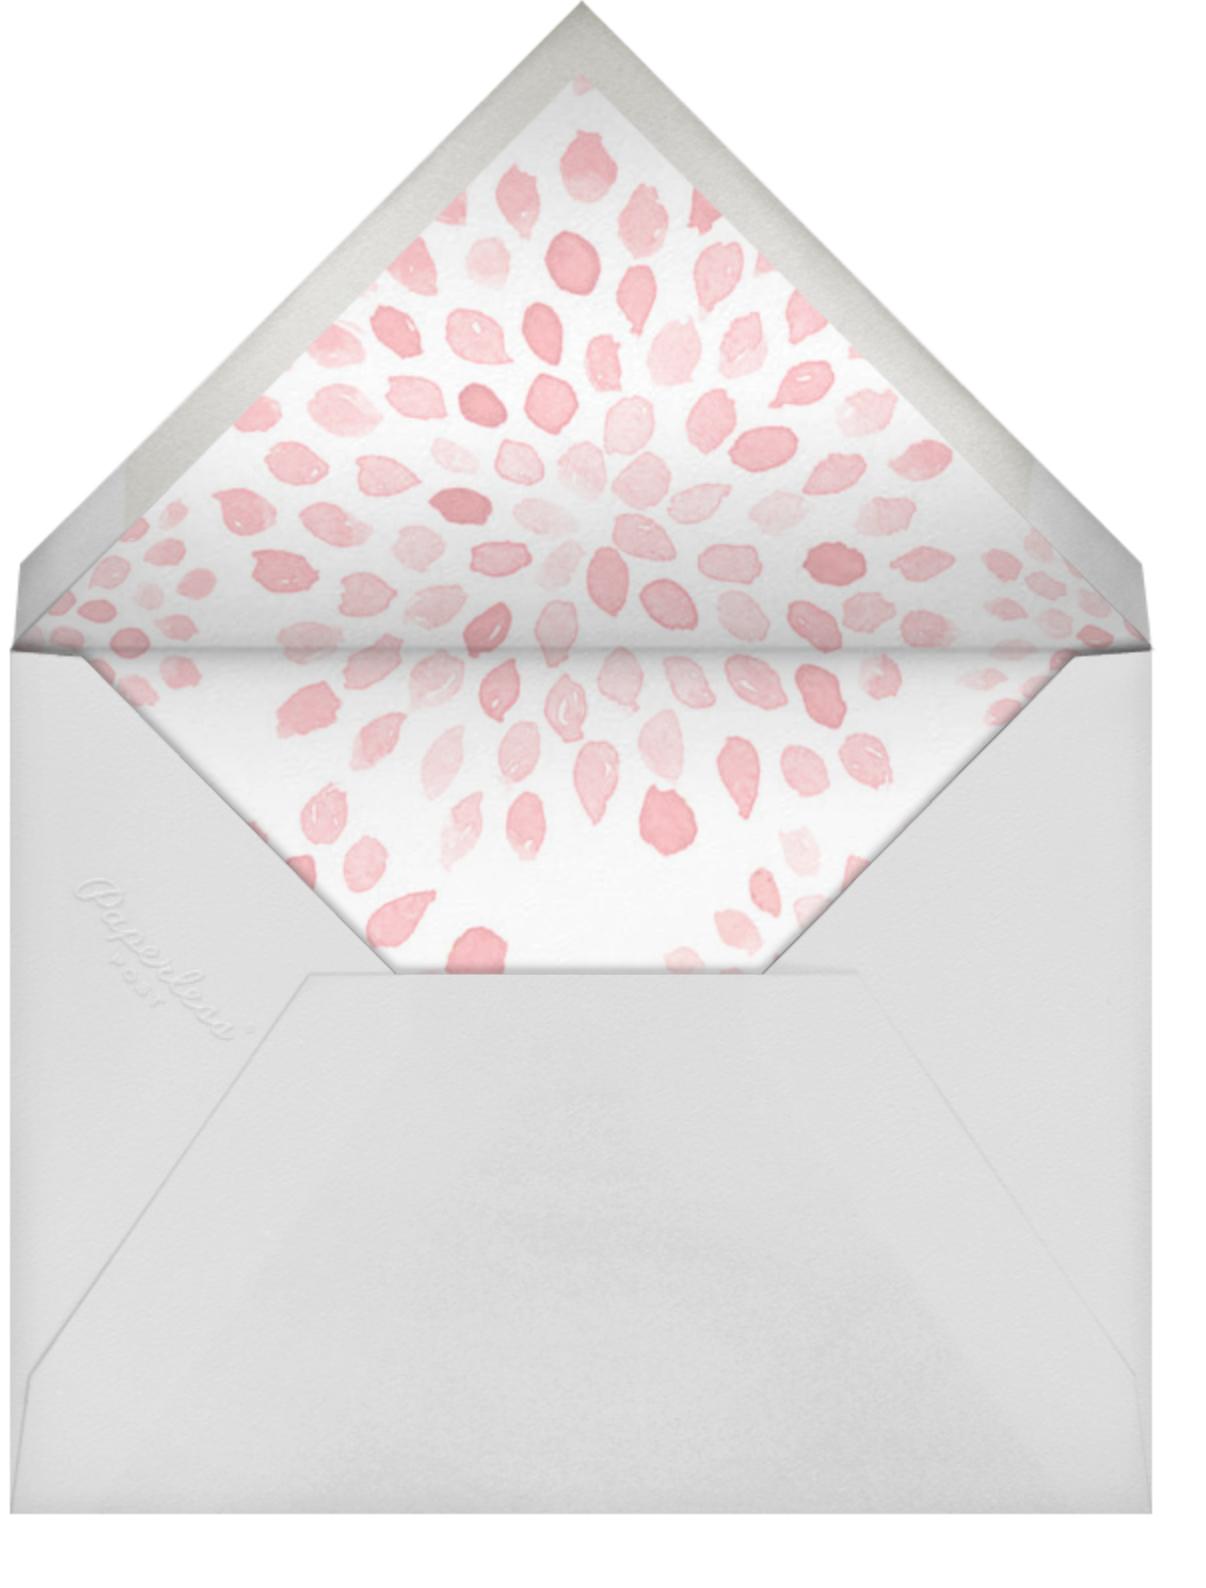 Let's Brunch - Crate & Barrel - Bridal shower - envelope back